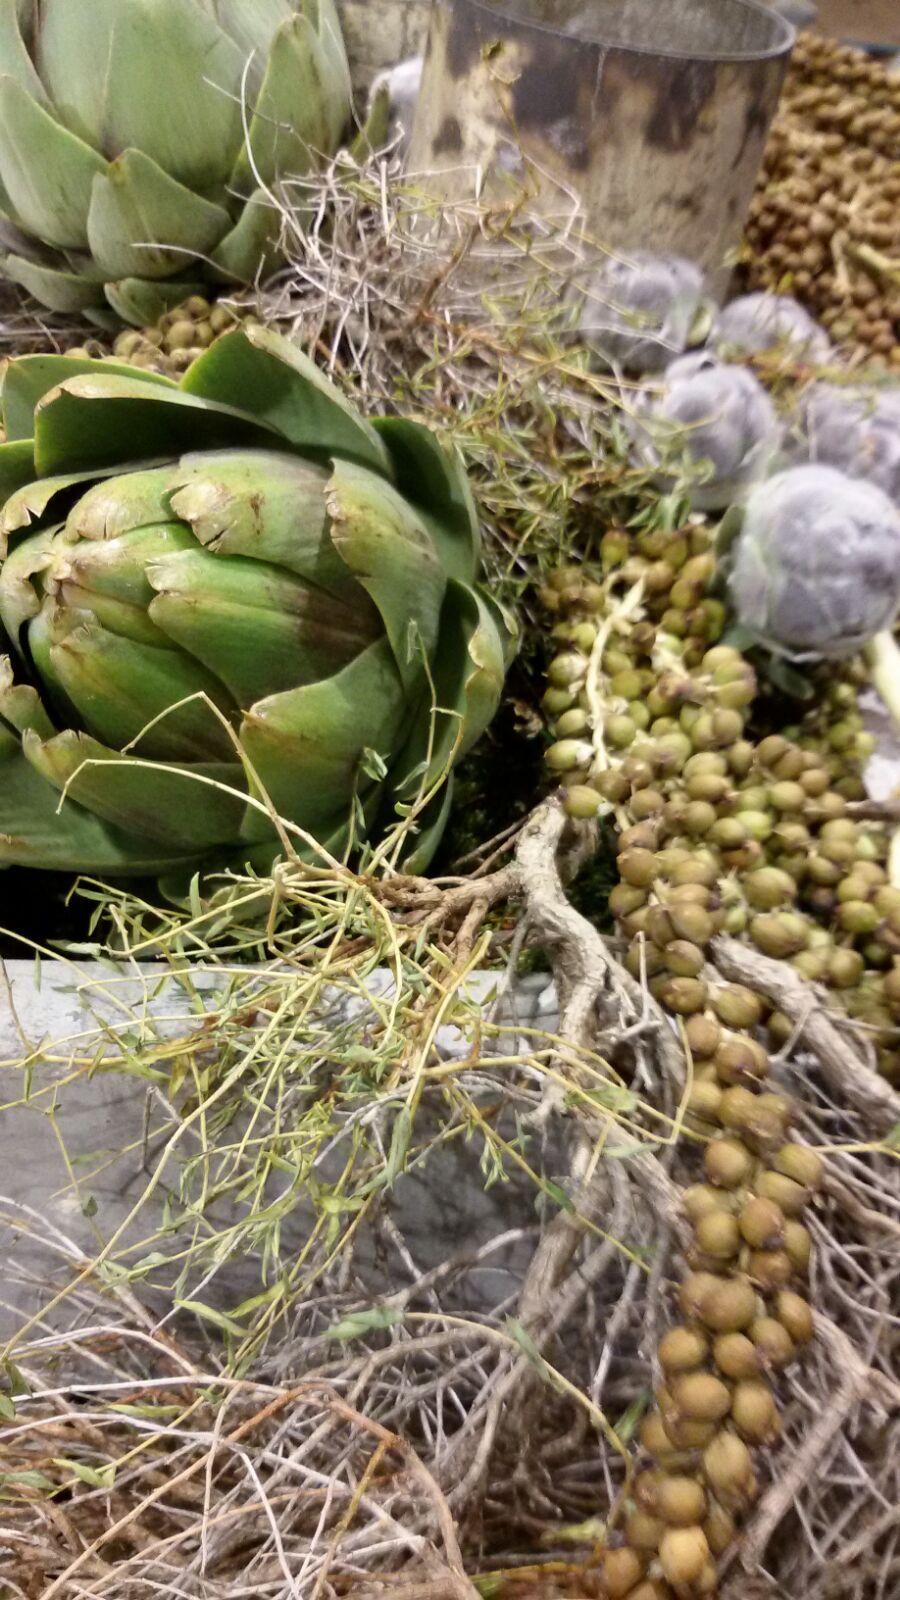 Prachtige groendecoraties op de stand van Wonen Landelijke Stijl